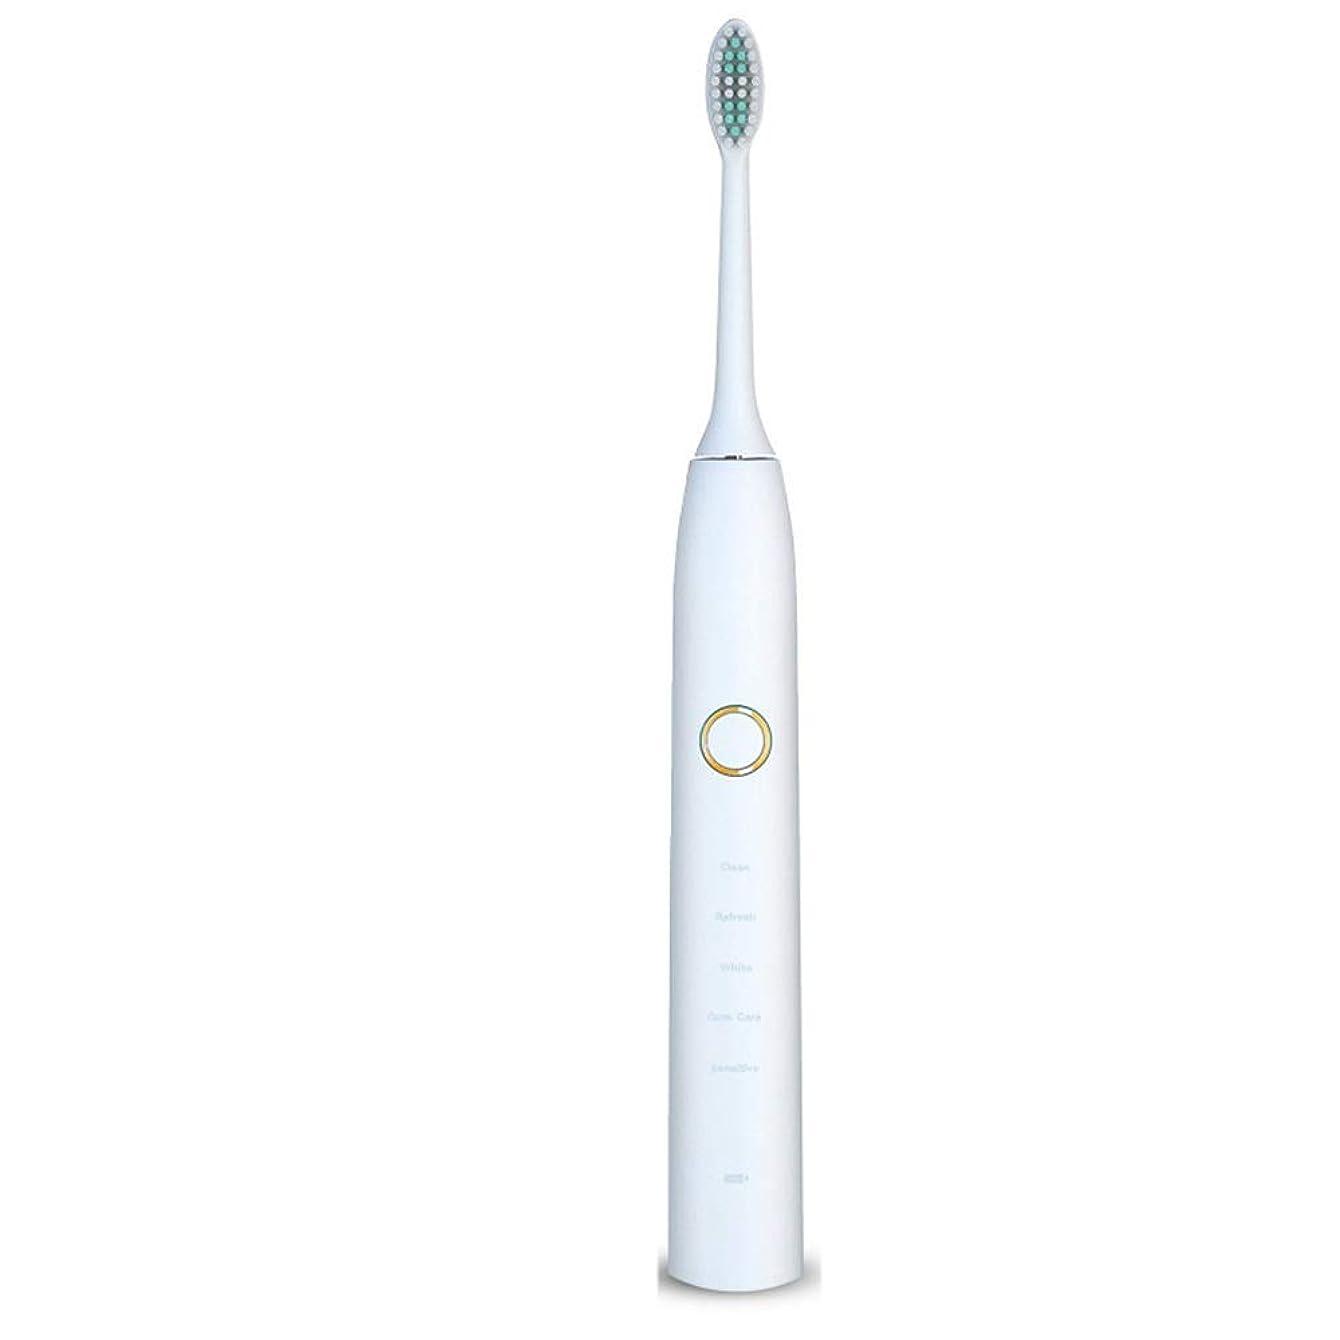 改修孤独な神経障害電動歯ブラシ 電動歯ブラシUSB充電式ソフトヘア保護クリーンホワイトニング歯ブラシ (色 : 白, サイズ : Free size)